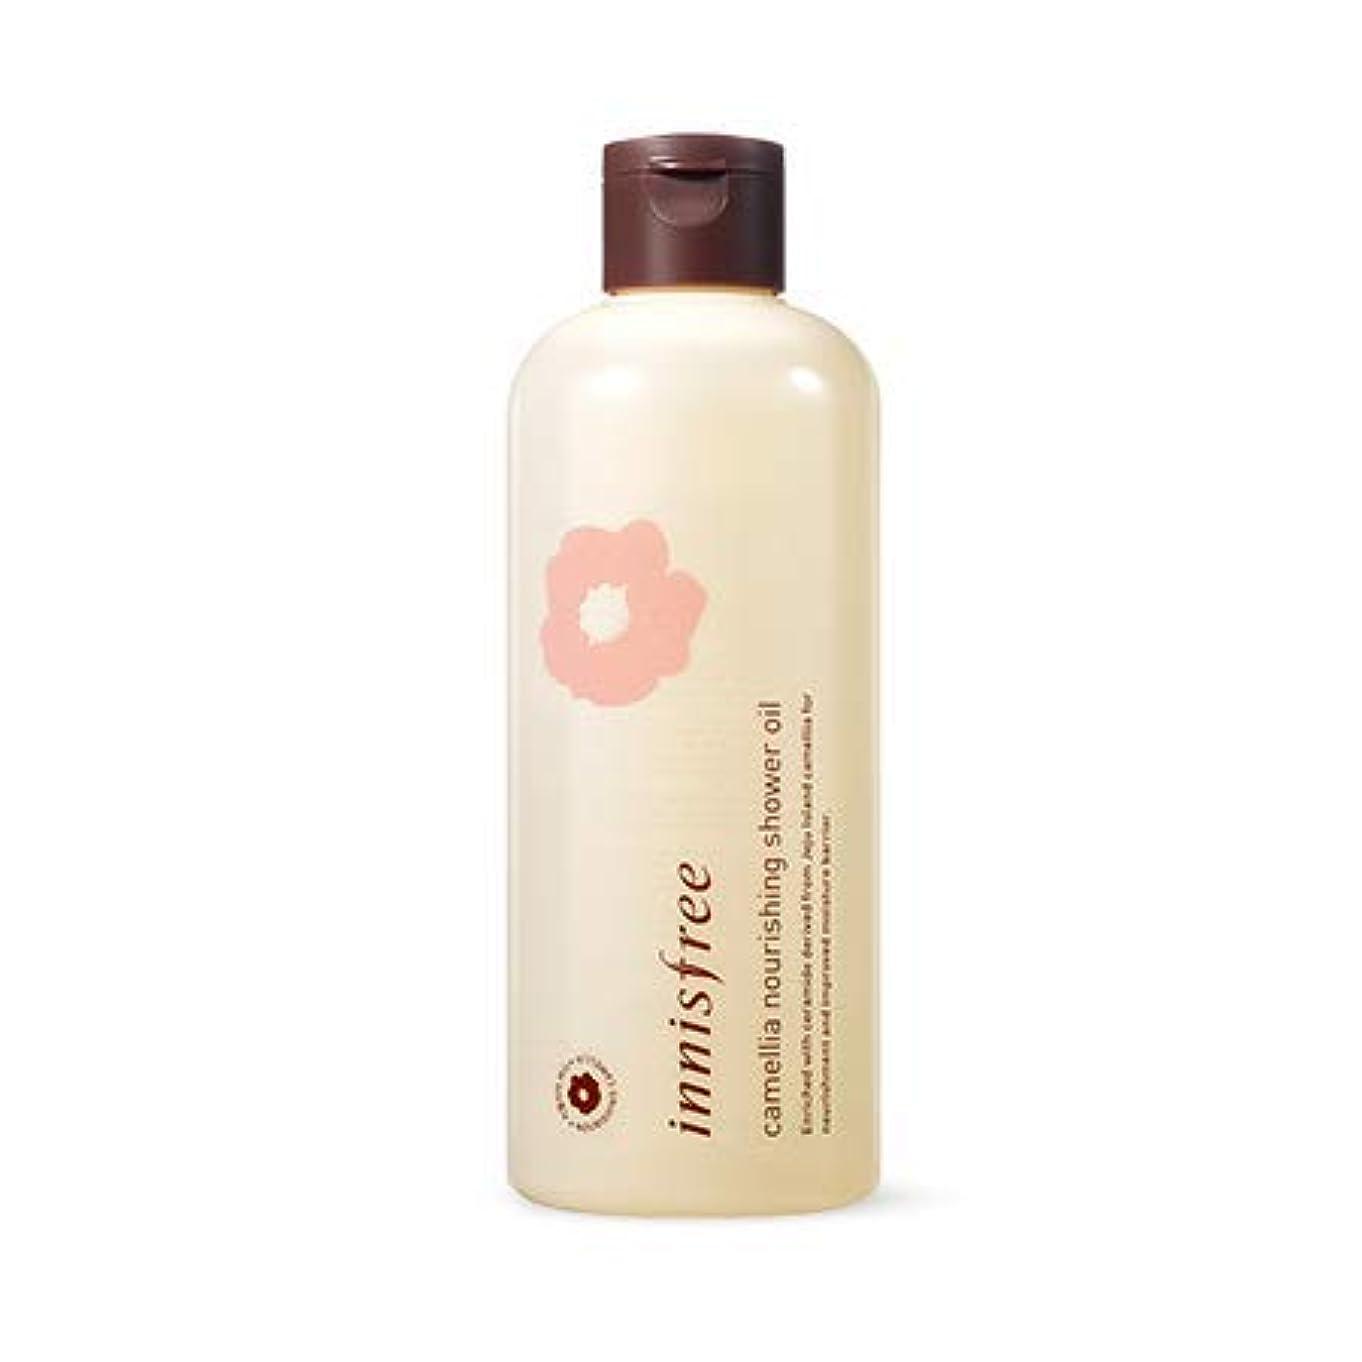 バルクレイアウト主権者[イニスフリー.innisfree]カメリアナリーシンシャワーオイル300mL/ Camellia Nourishing Shower Oil